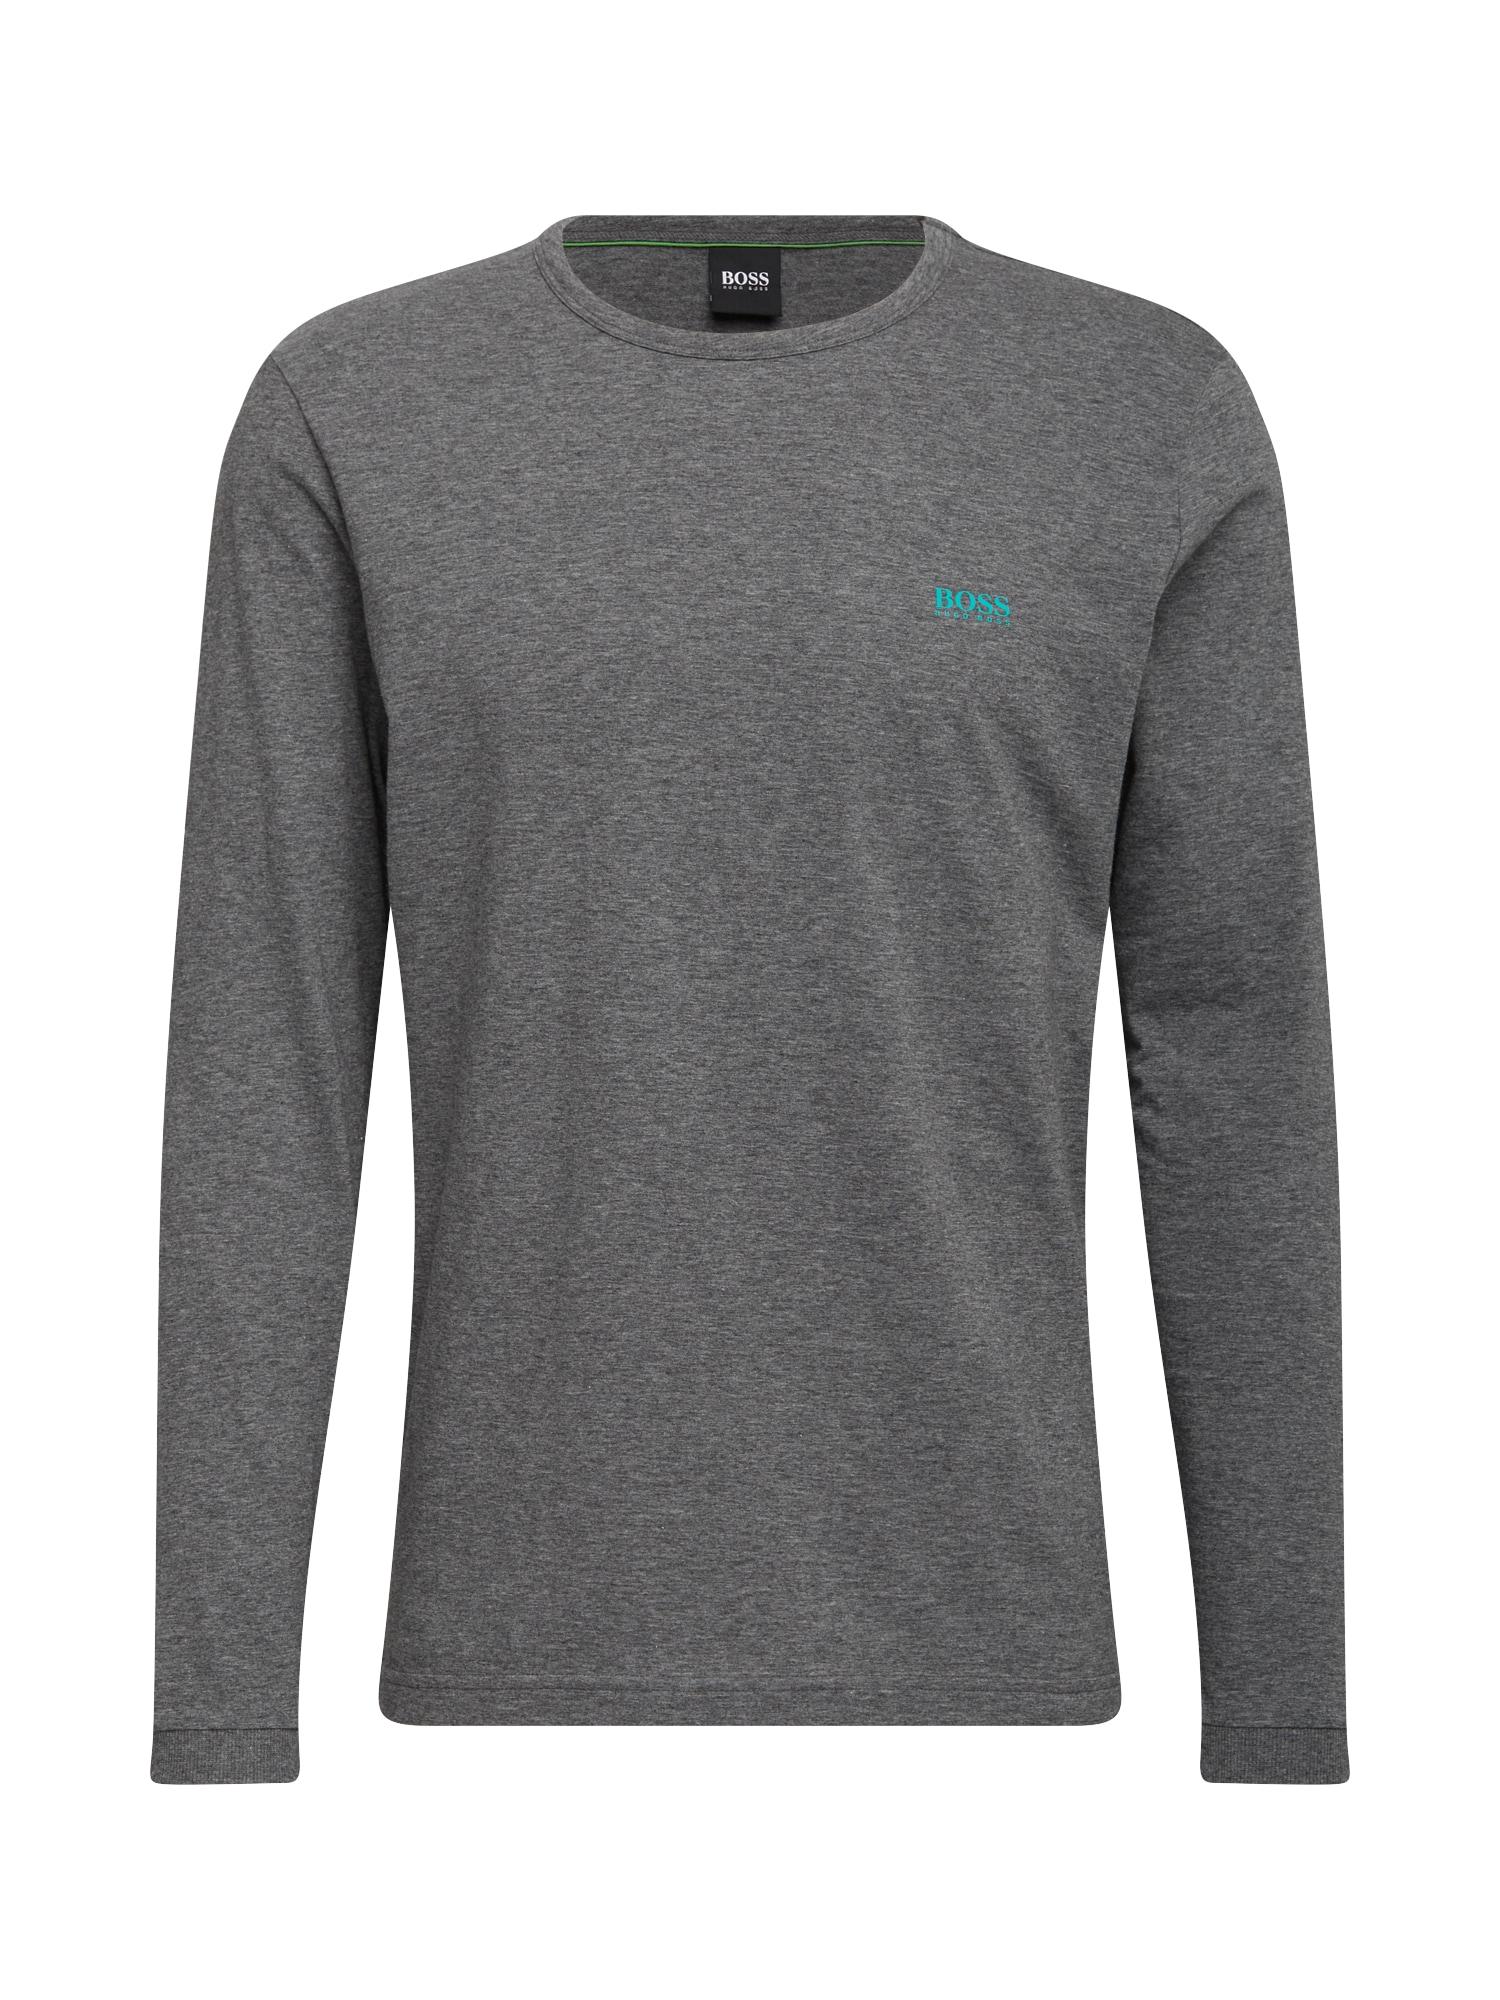 BOSS ATHLEISURE Marškinėliai 'Togn' pilka